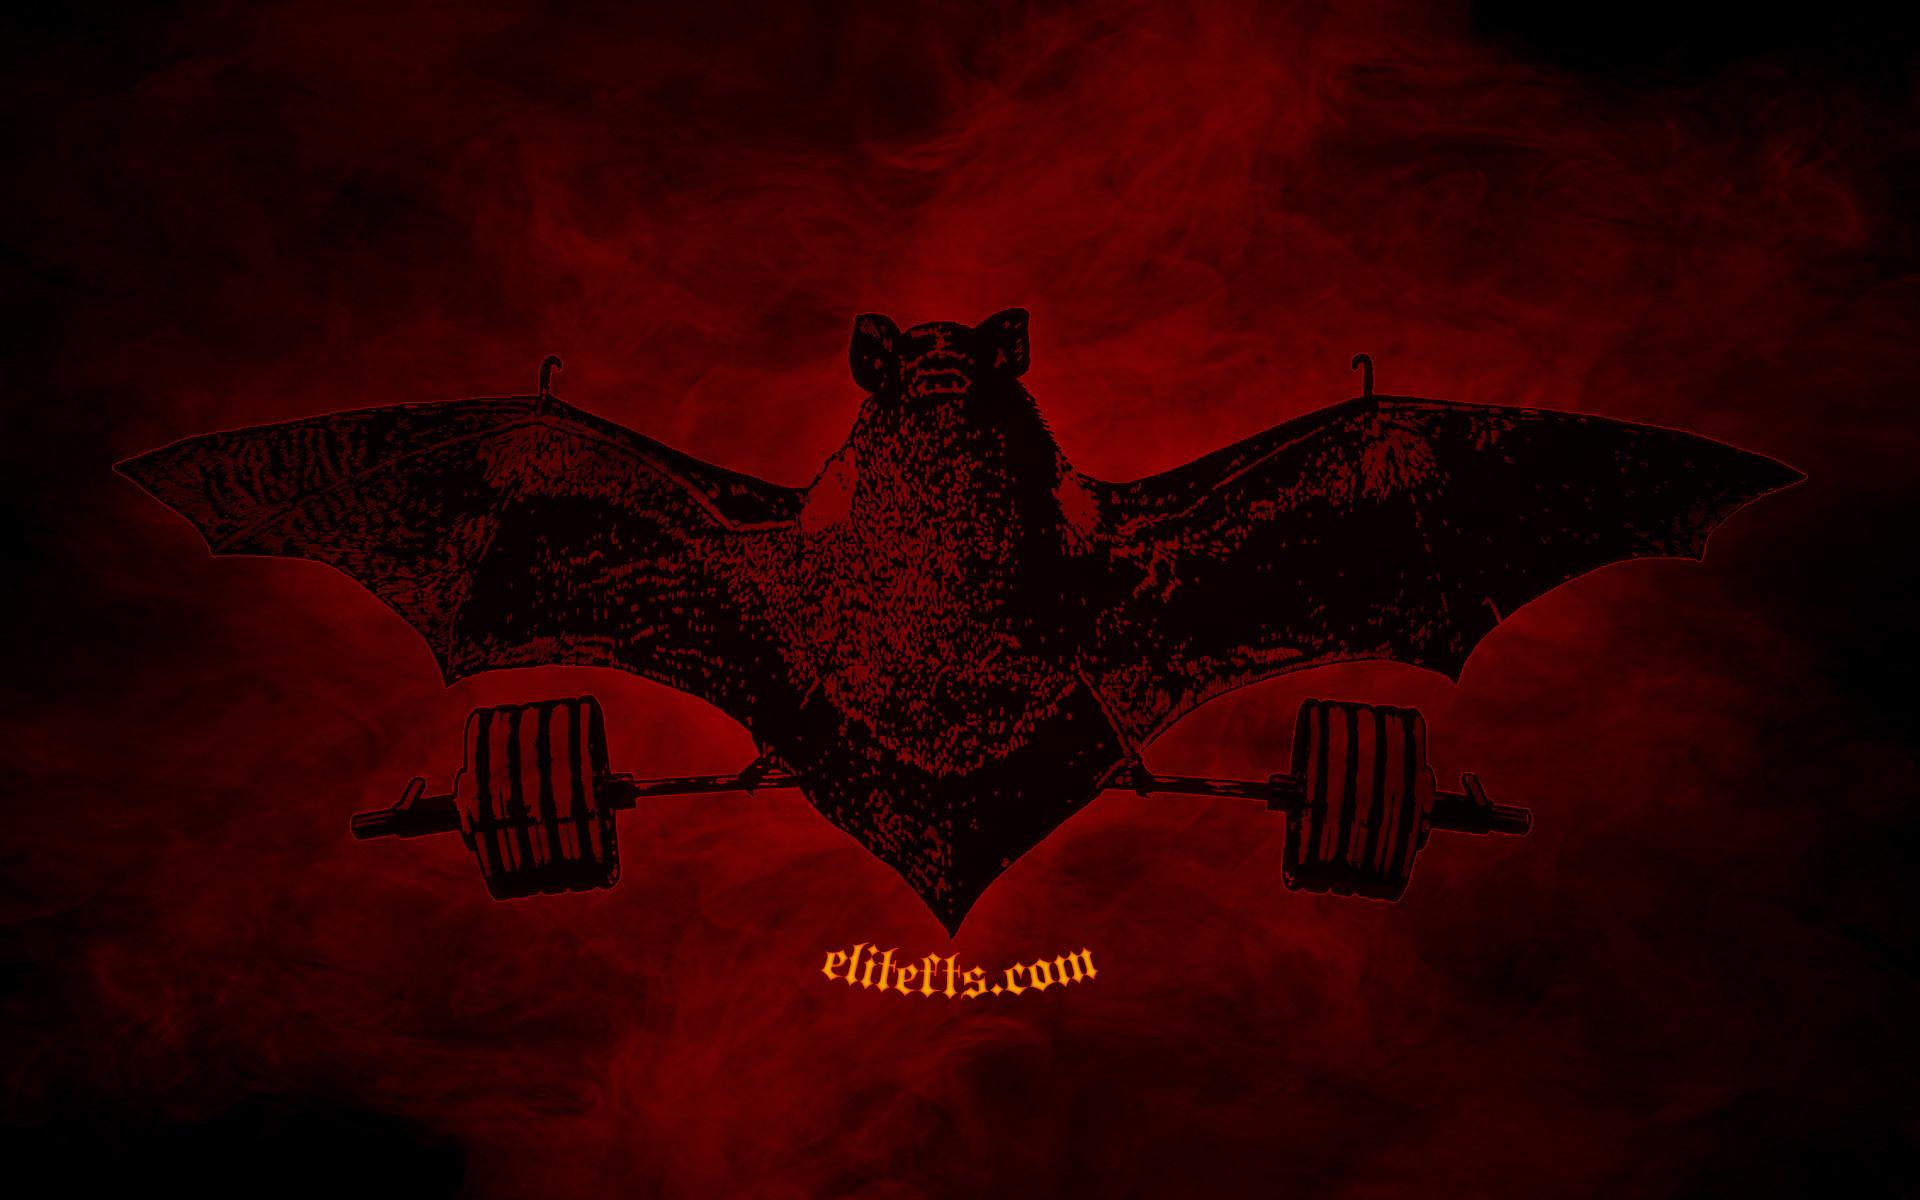 bat-wallpaper